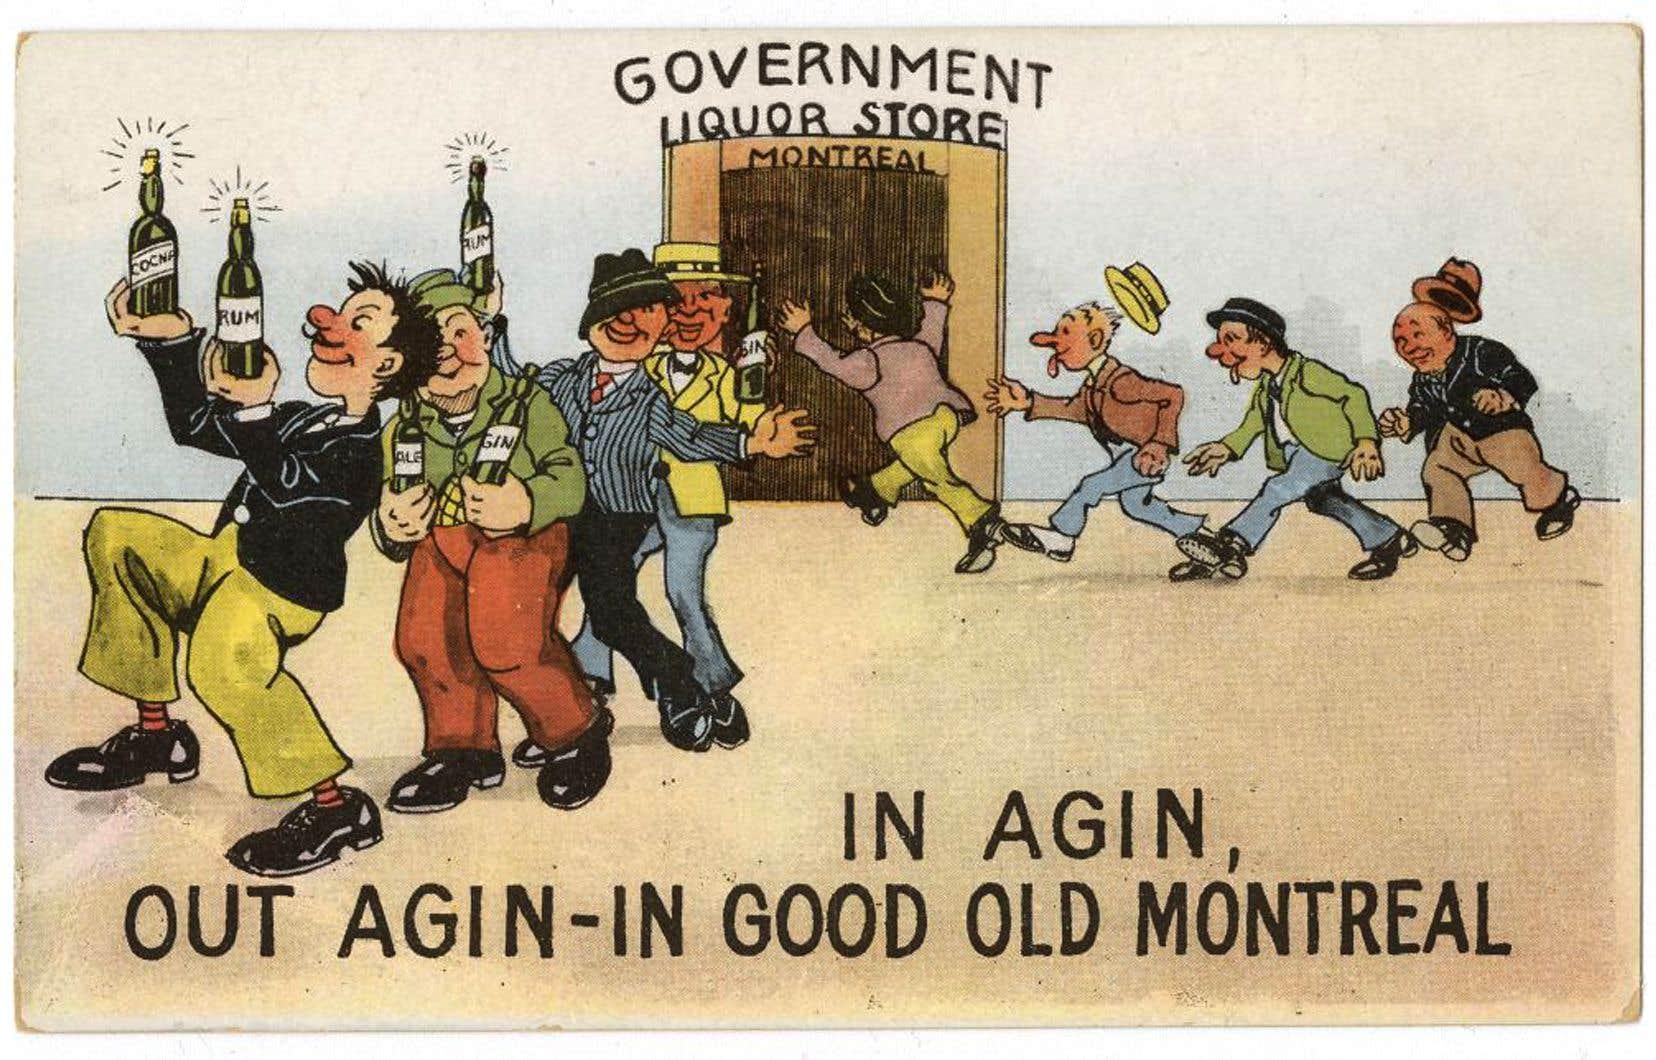 En pleine prohibition aux États-Unis, entre 1920 et 1933, une carte postale dépeint Montréal comme l'endroit par excellence pour les amateurs d'alcool.